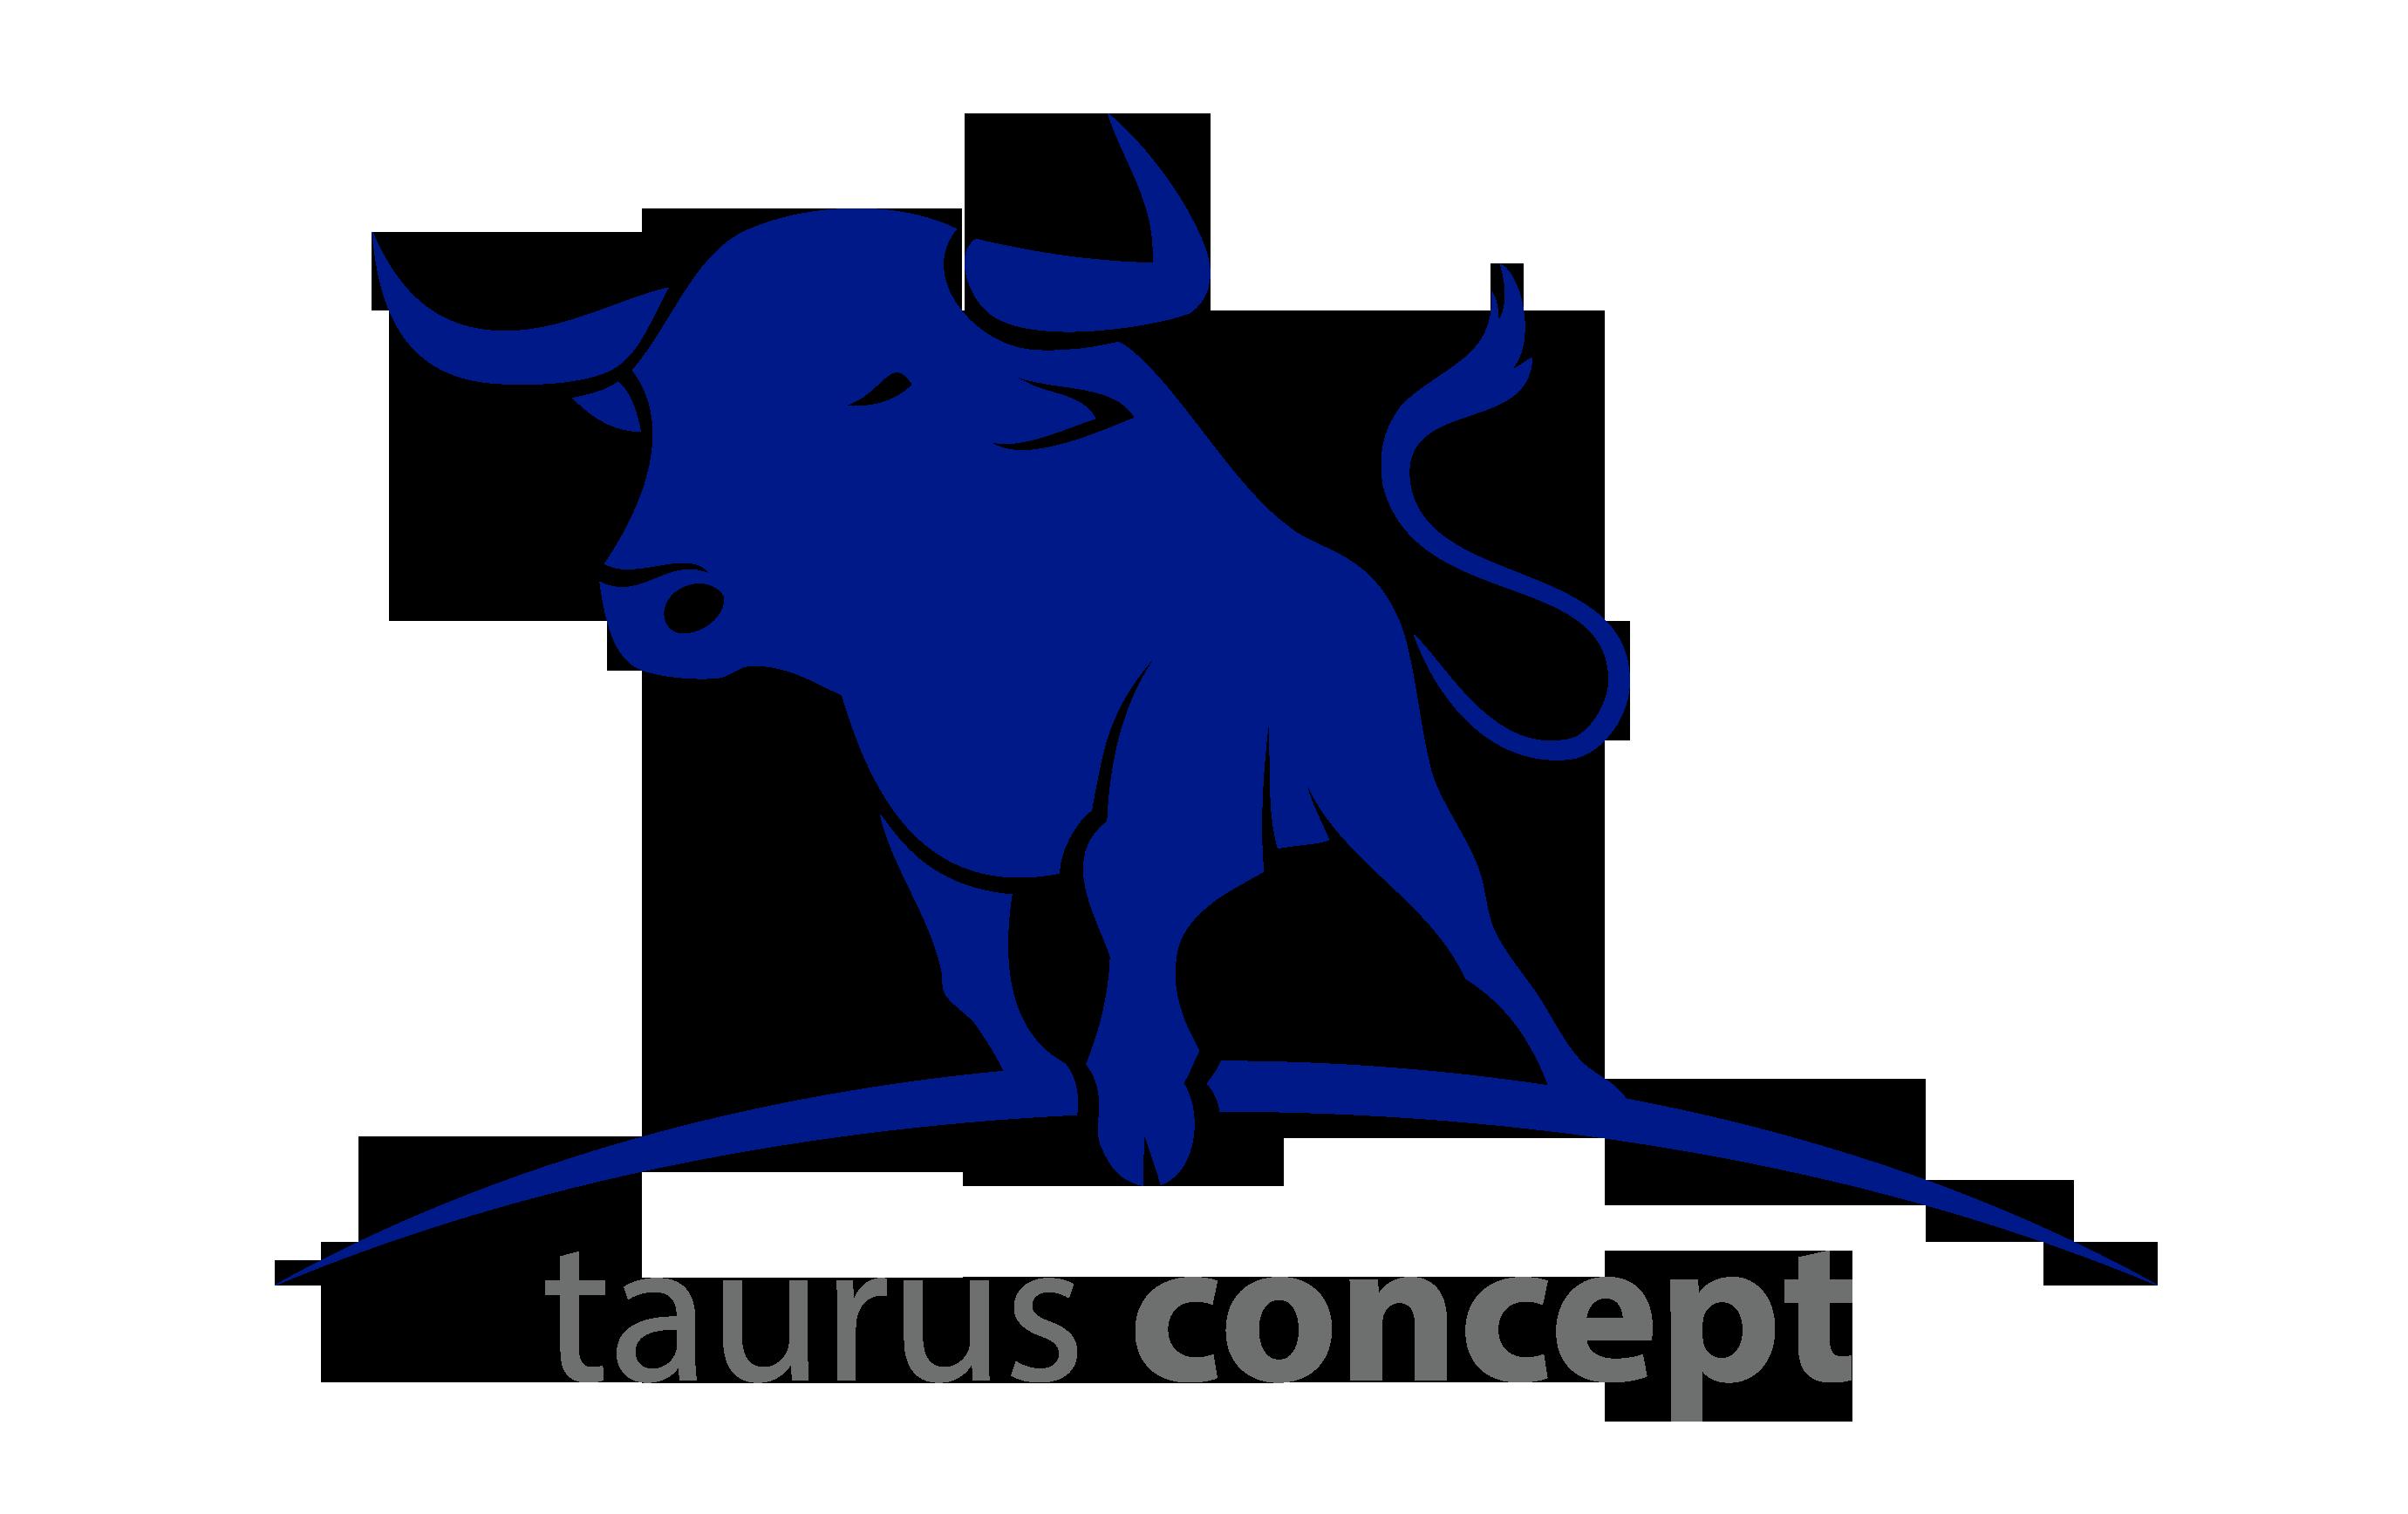 TAURUS CONCEPT